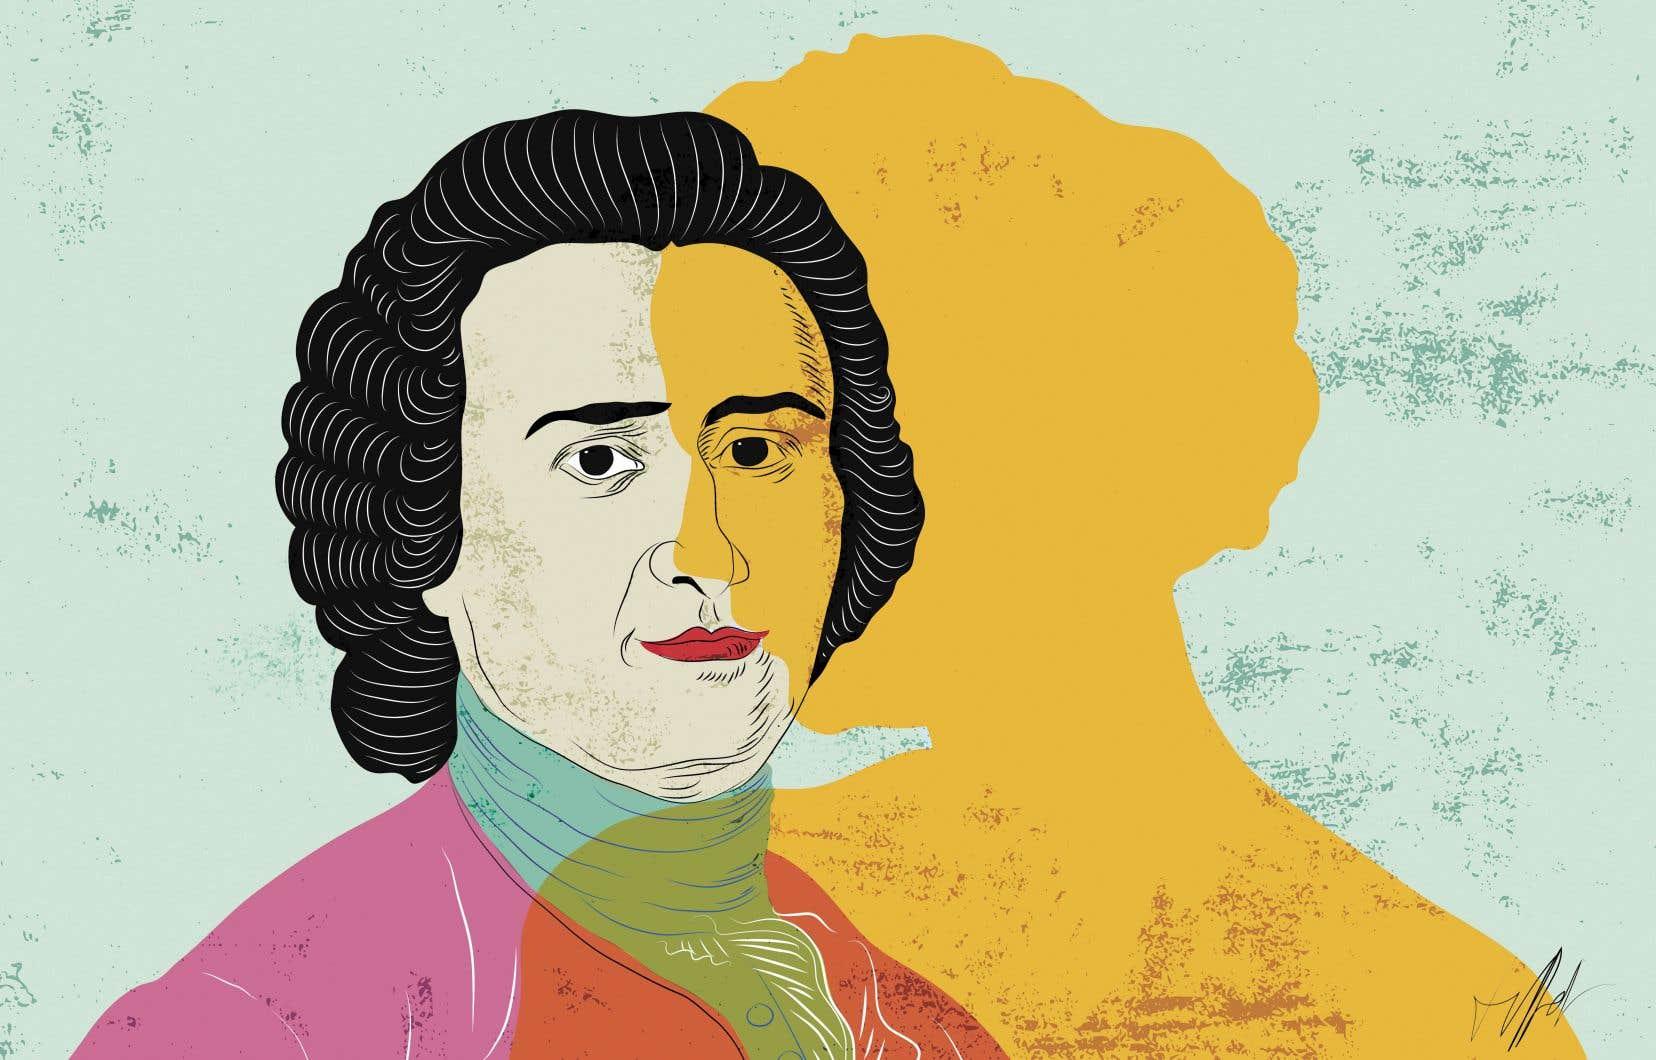 Jean-Jacques Rousseau souligne le besoin qu'ont les femmes de se prémunir des grossesses non désirées et de gagner la loyauté du géniteur de leurs enfants, d'où la nécessité pour elles d'être pudiques, fidèles et difficiles à conquérir (selon lui). Il note le rôle de séducteur, de protecteur et de pourvoyeur que ces besoins féminins assignent, en conséquence, aux hommes (toujours selon lui).